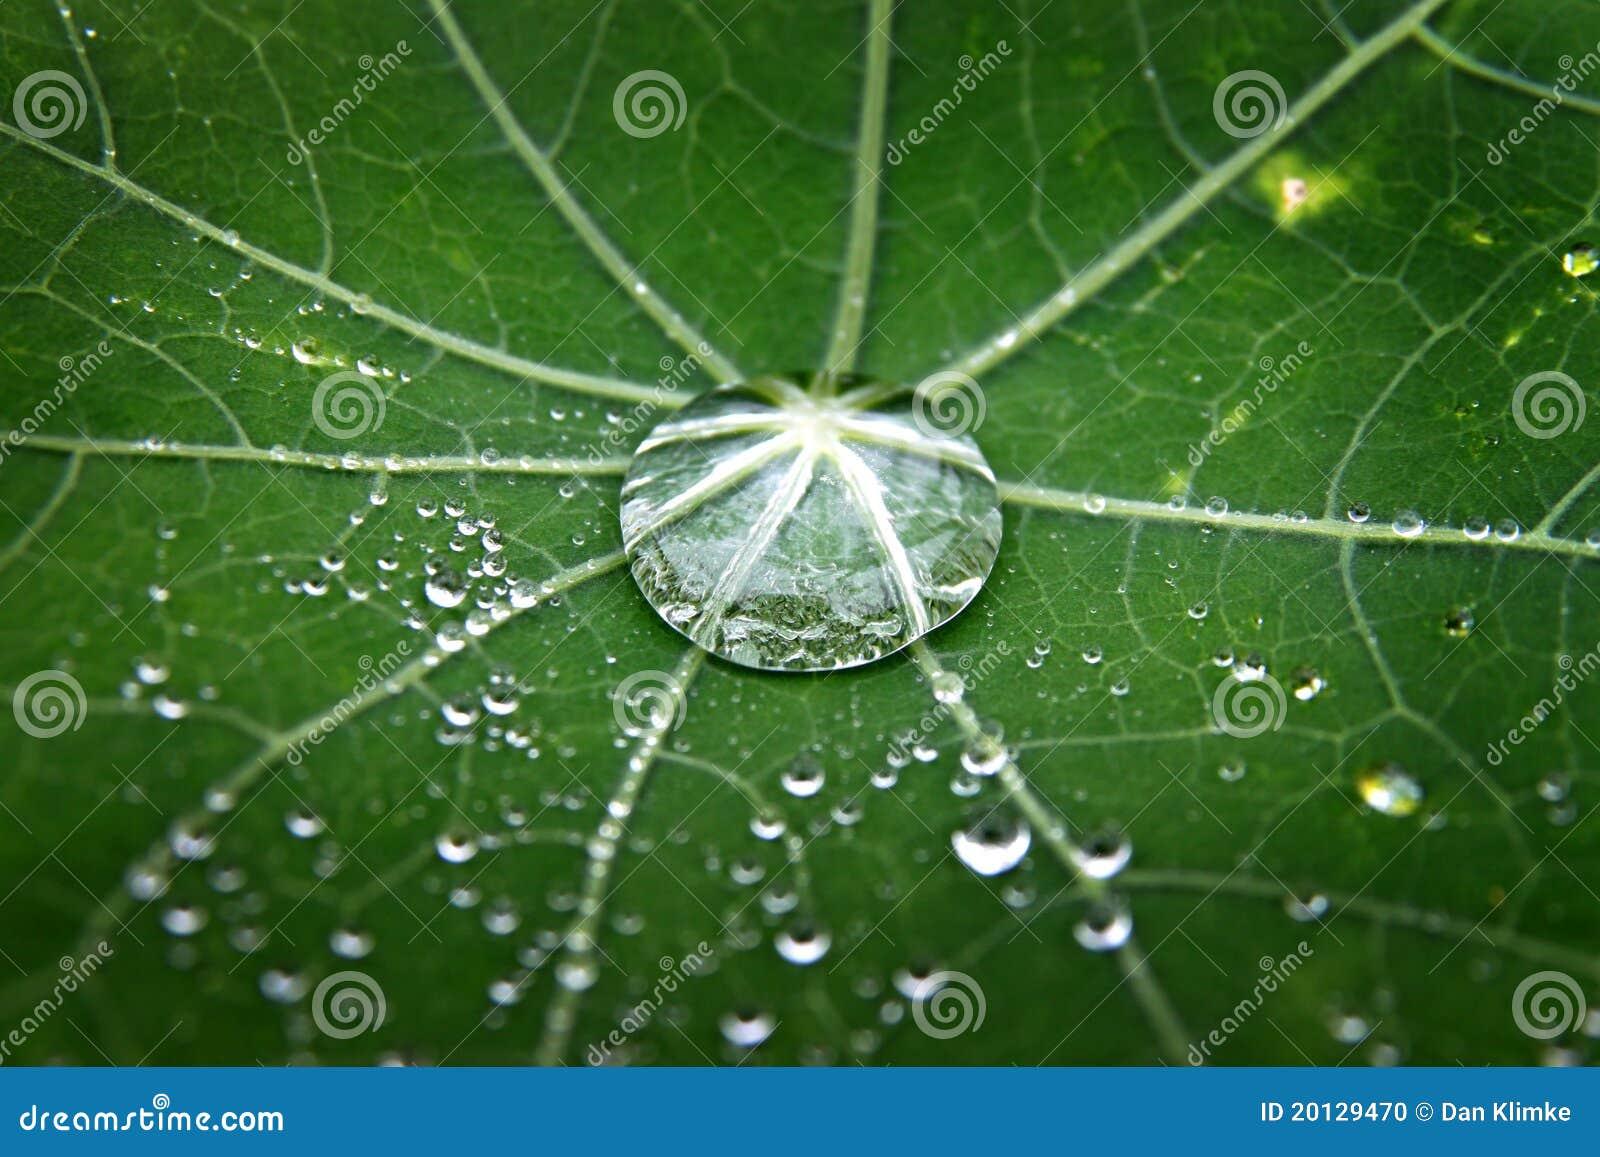 Groen blad met dauw